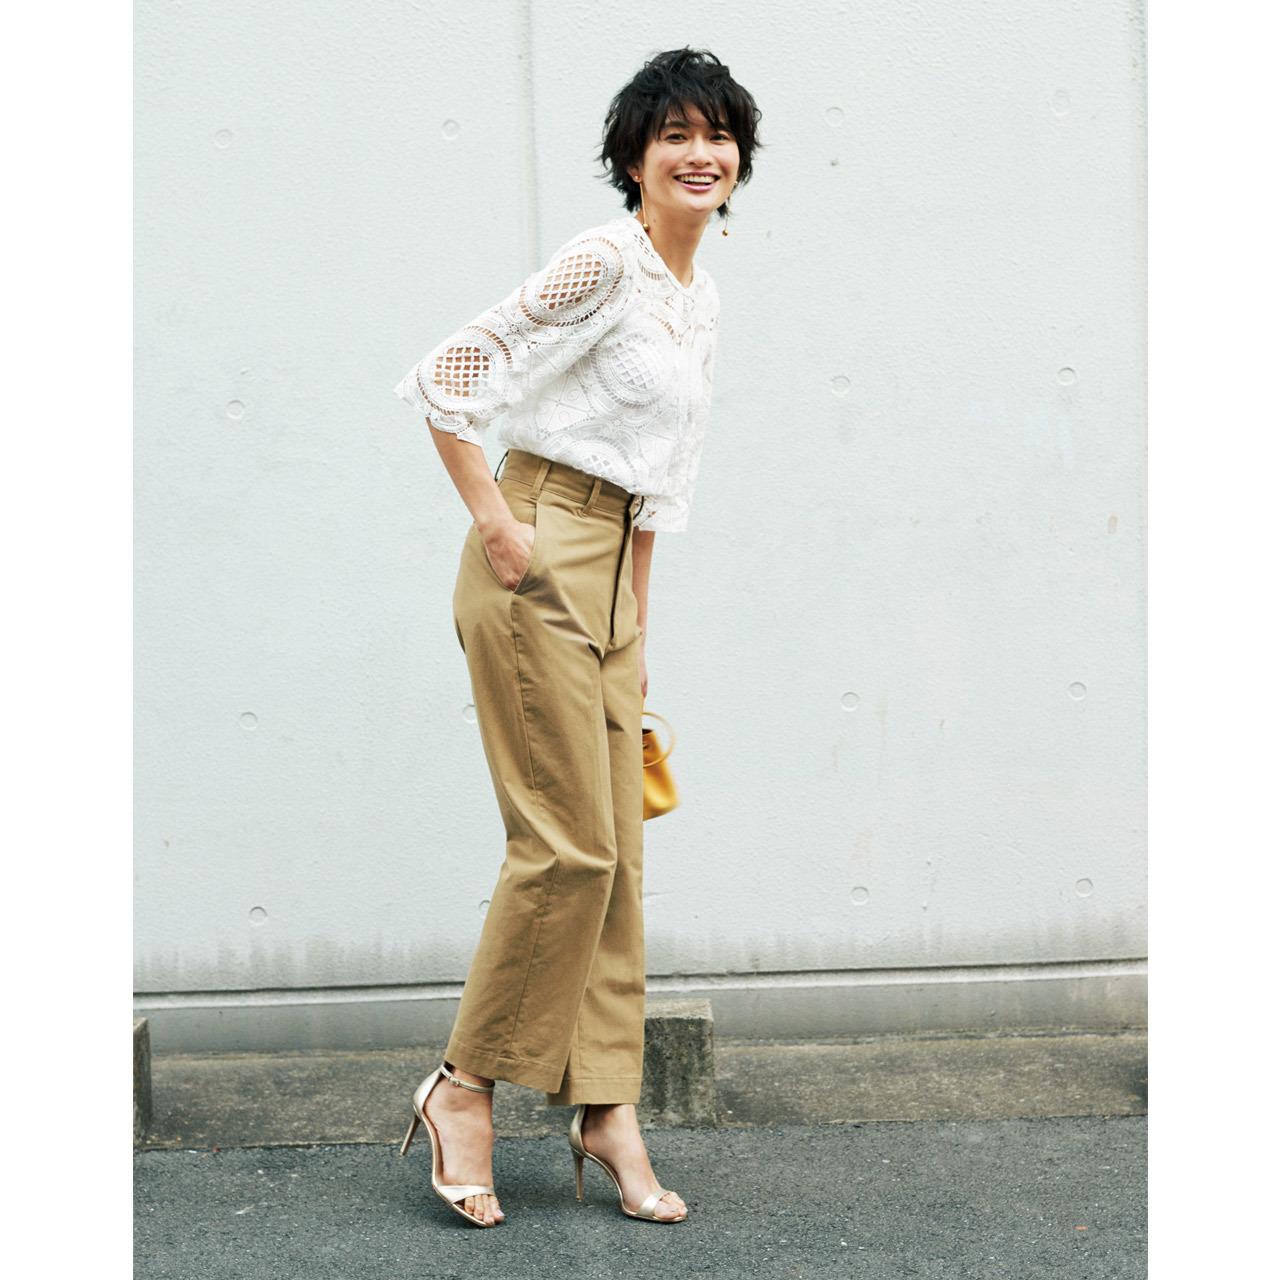 ベージュチノパンツ×レースブラウスのファッションコーデ